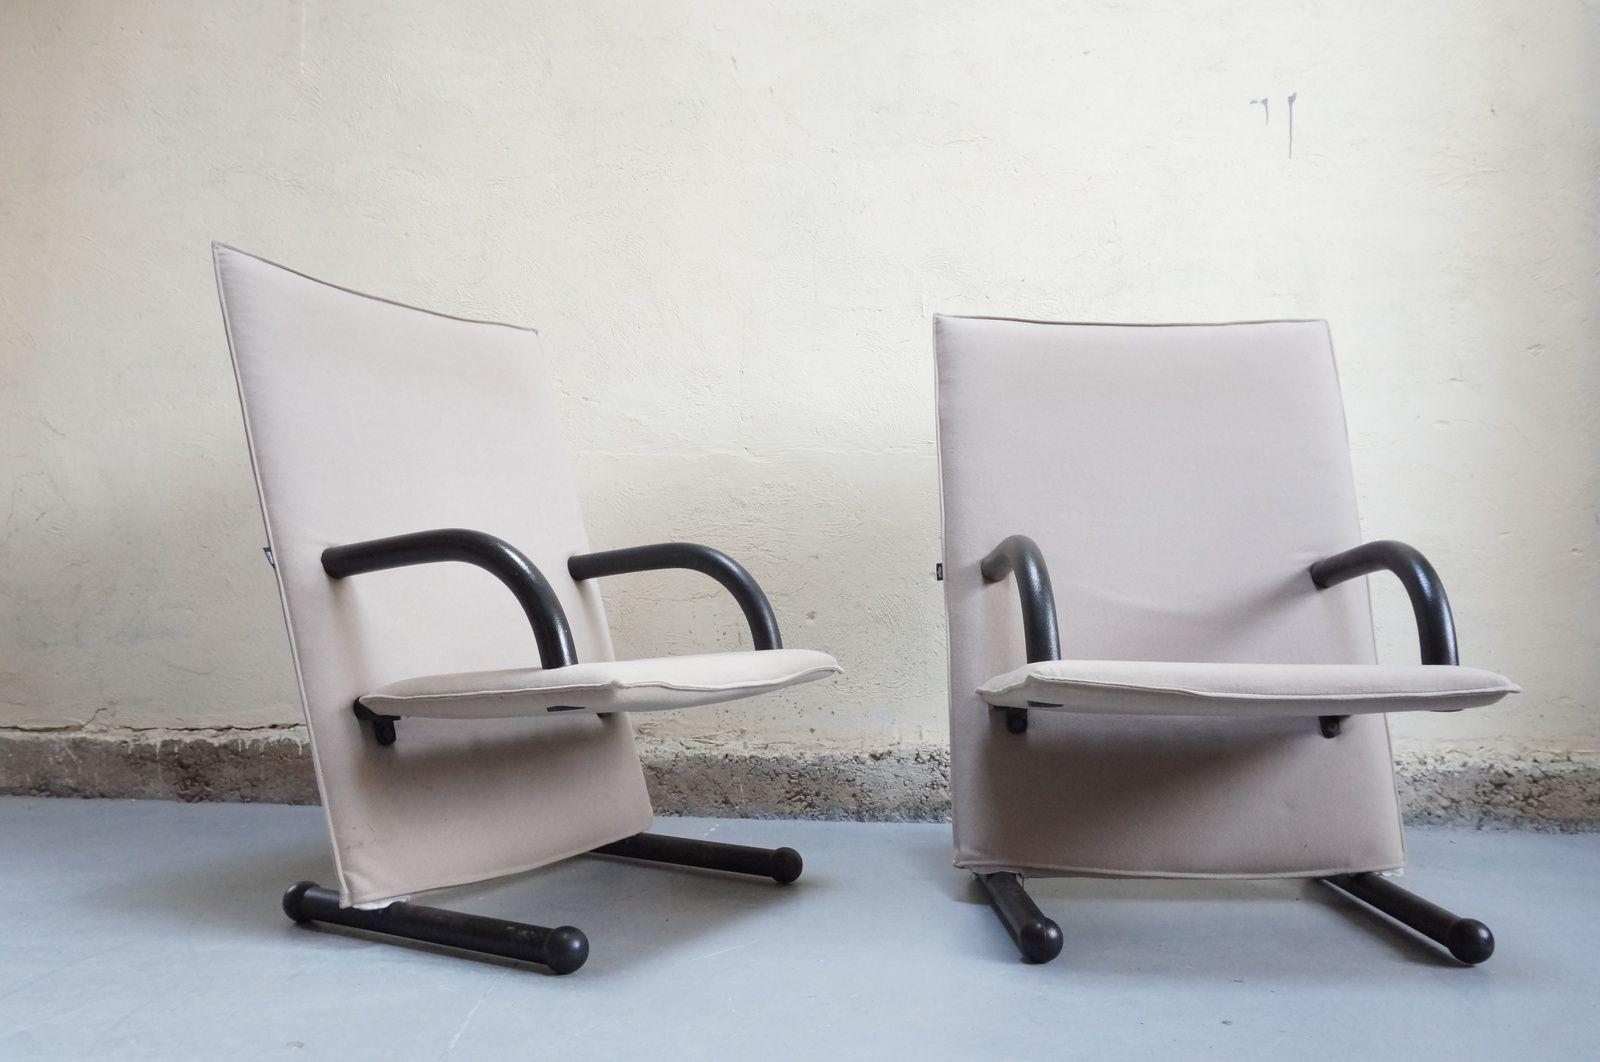 Burkhard Fauteuil Design Arflex Fabricant Line Vogtherr T Designer tBhQsdCrx